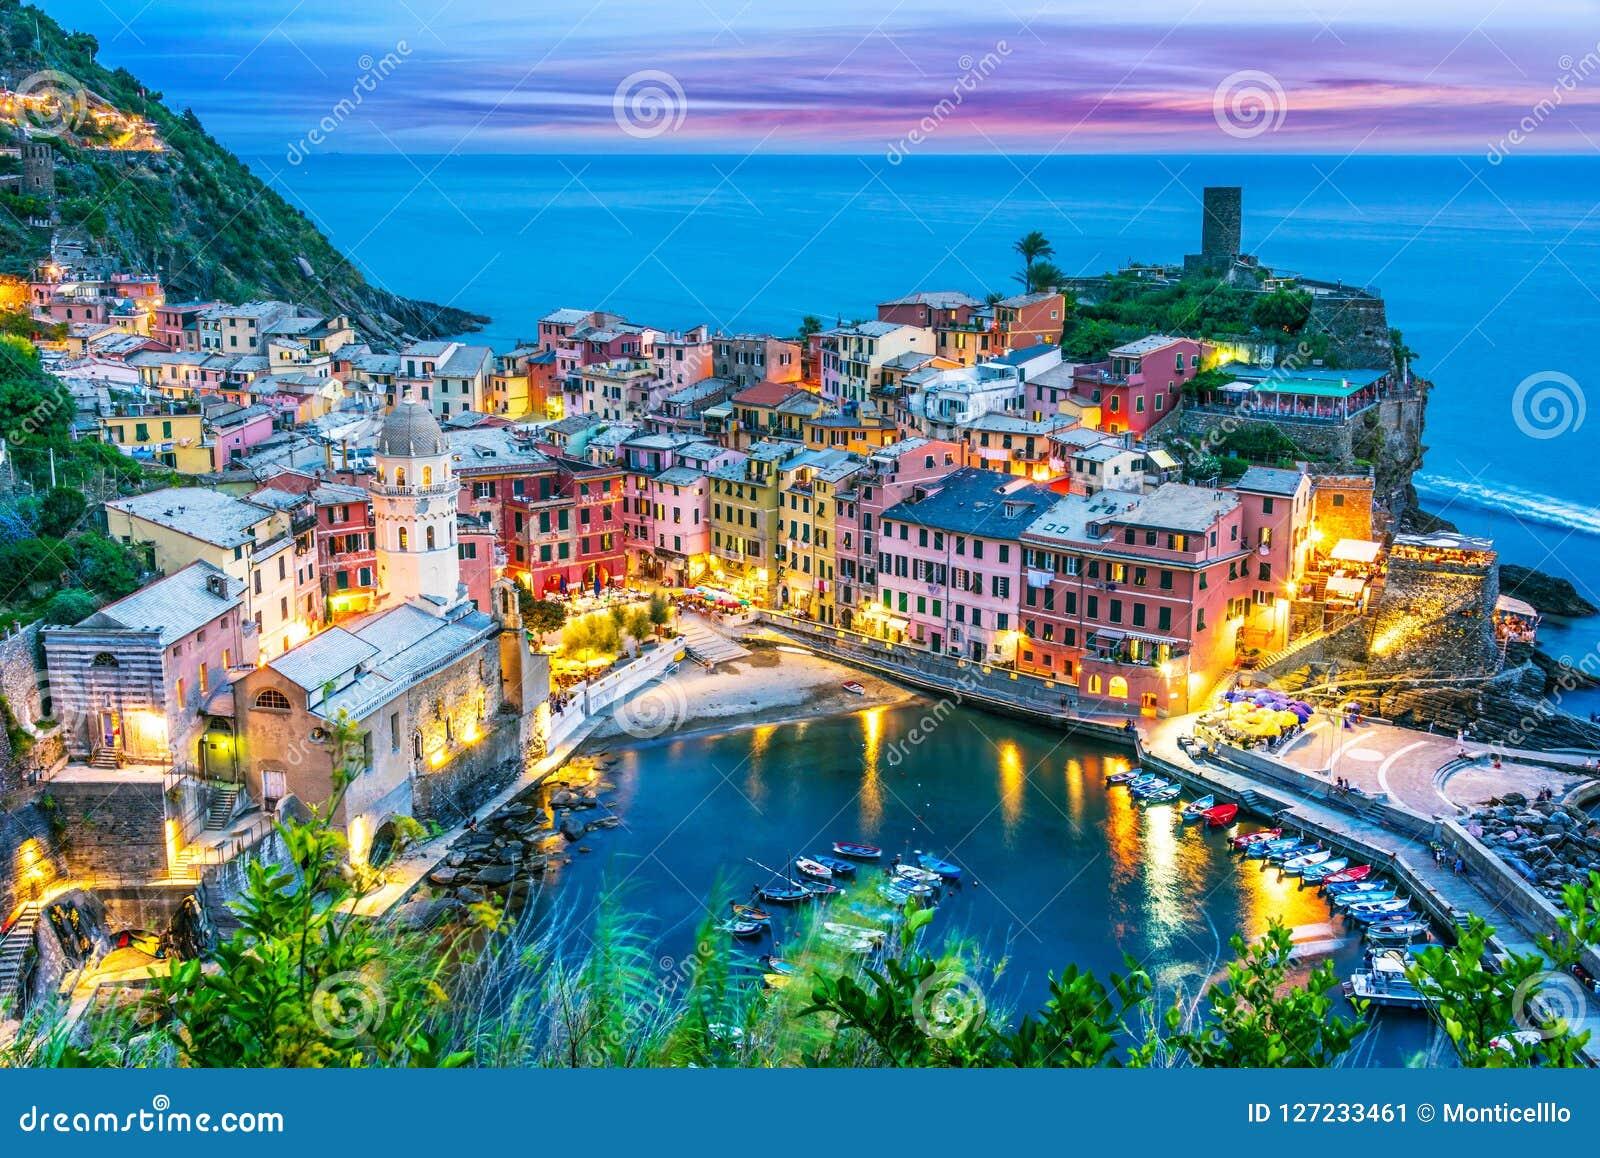 Schilderachtige stad van Vernazza, Ligurië, Italië